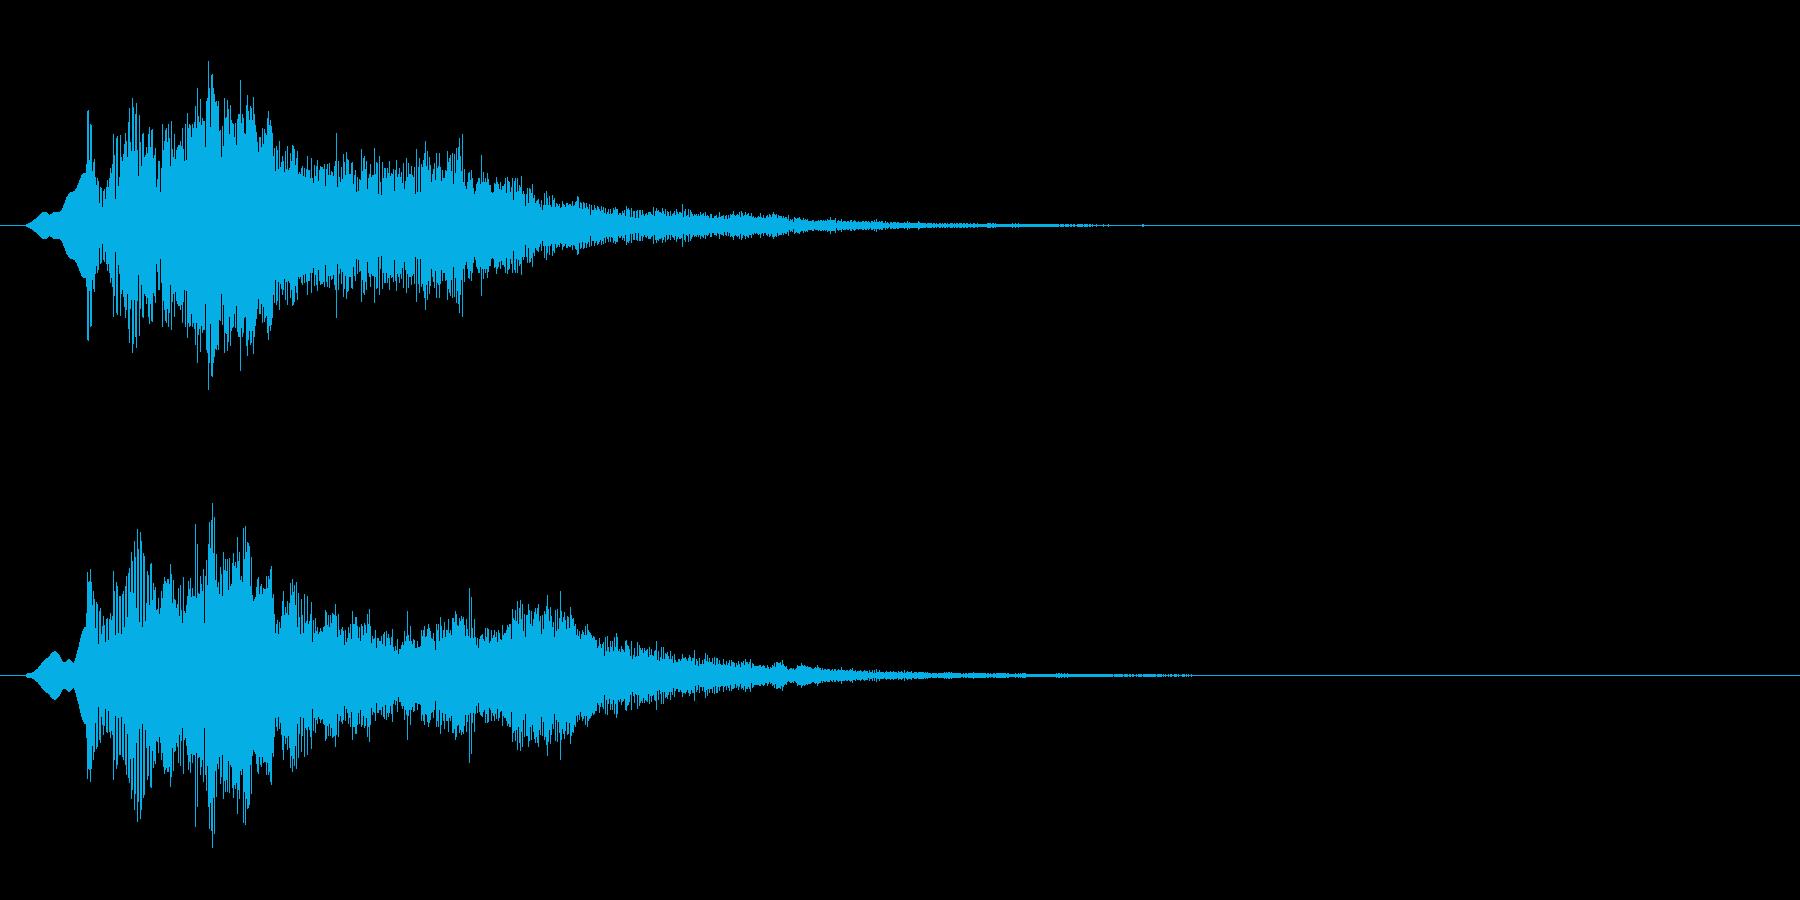 キラキラ(魔法のようなエフェクト音)の再生済みの波形